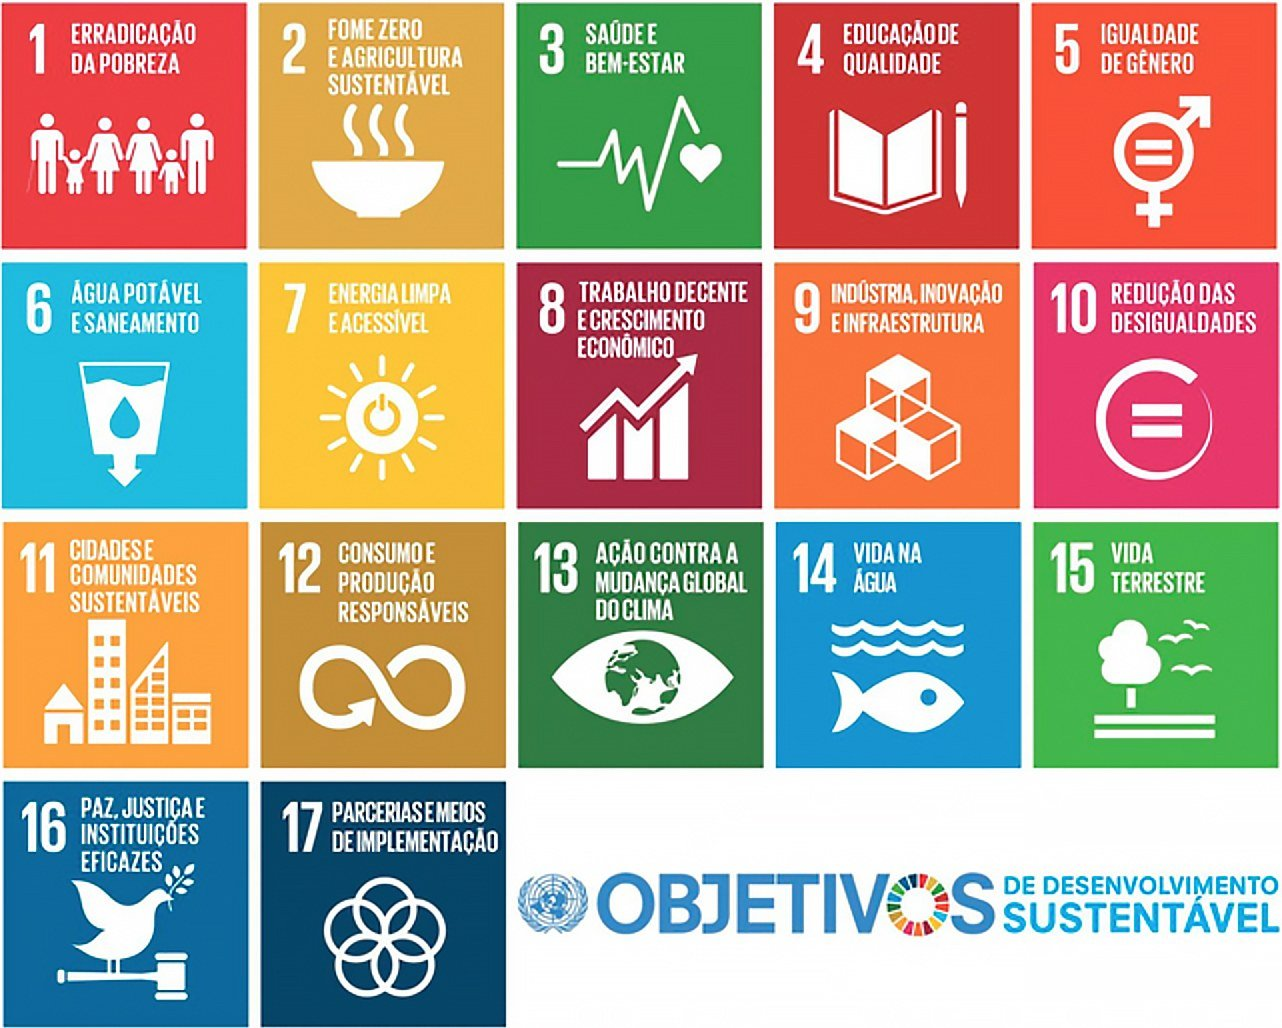 infigráfico 17 objetivos de desenvolvimento sustentável